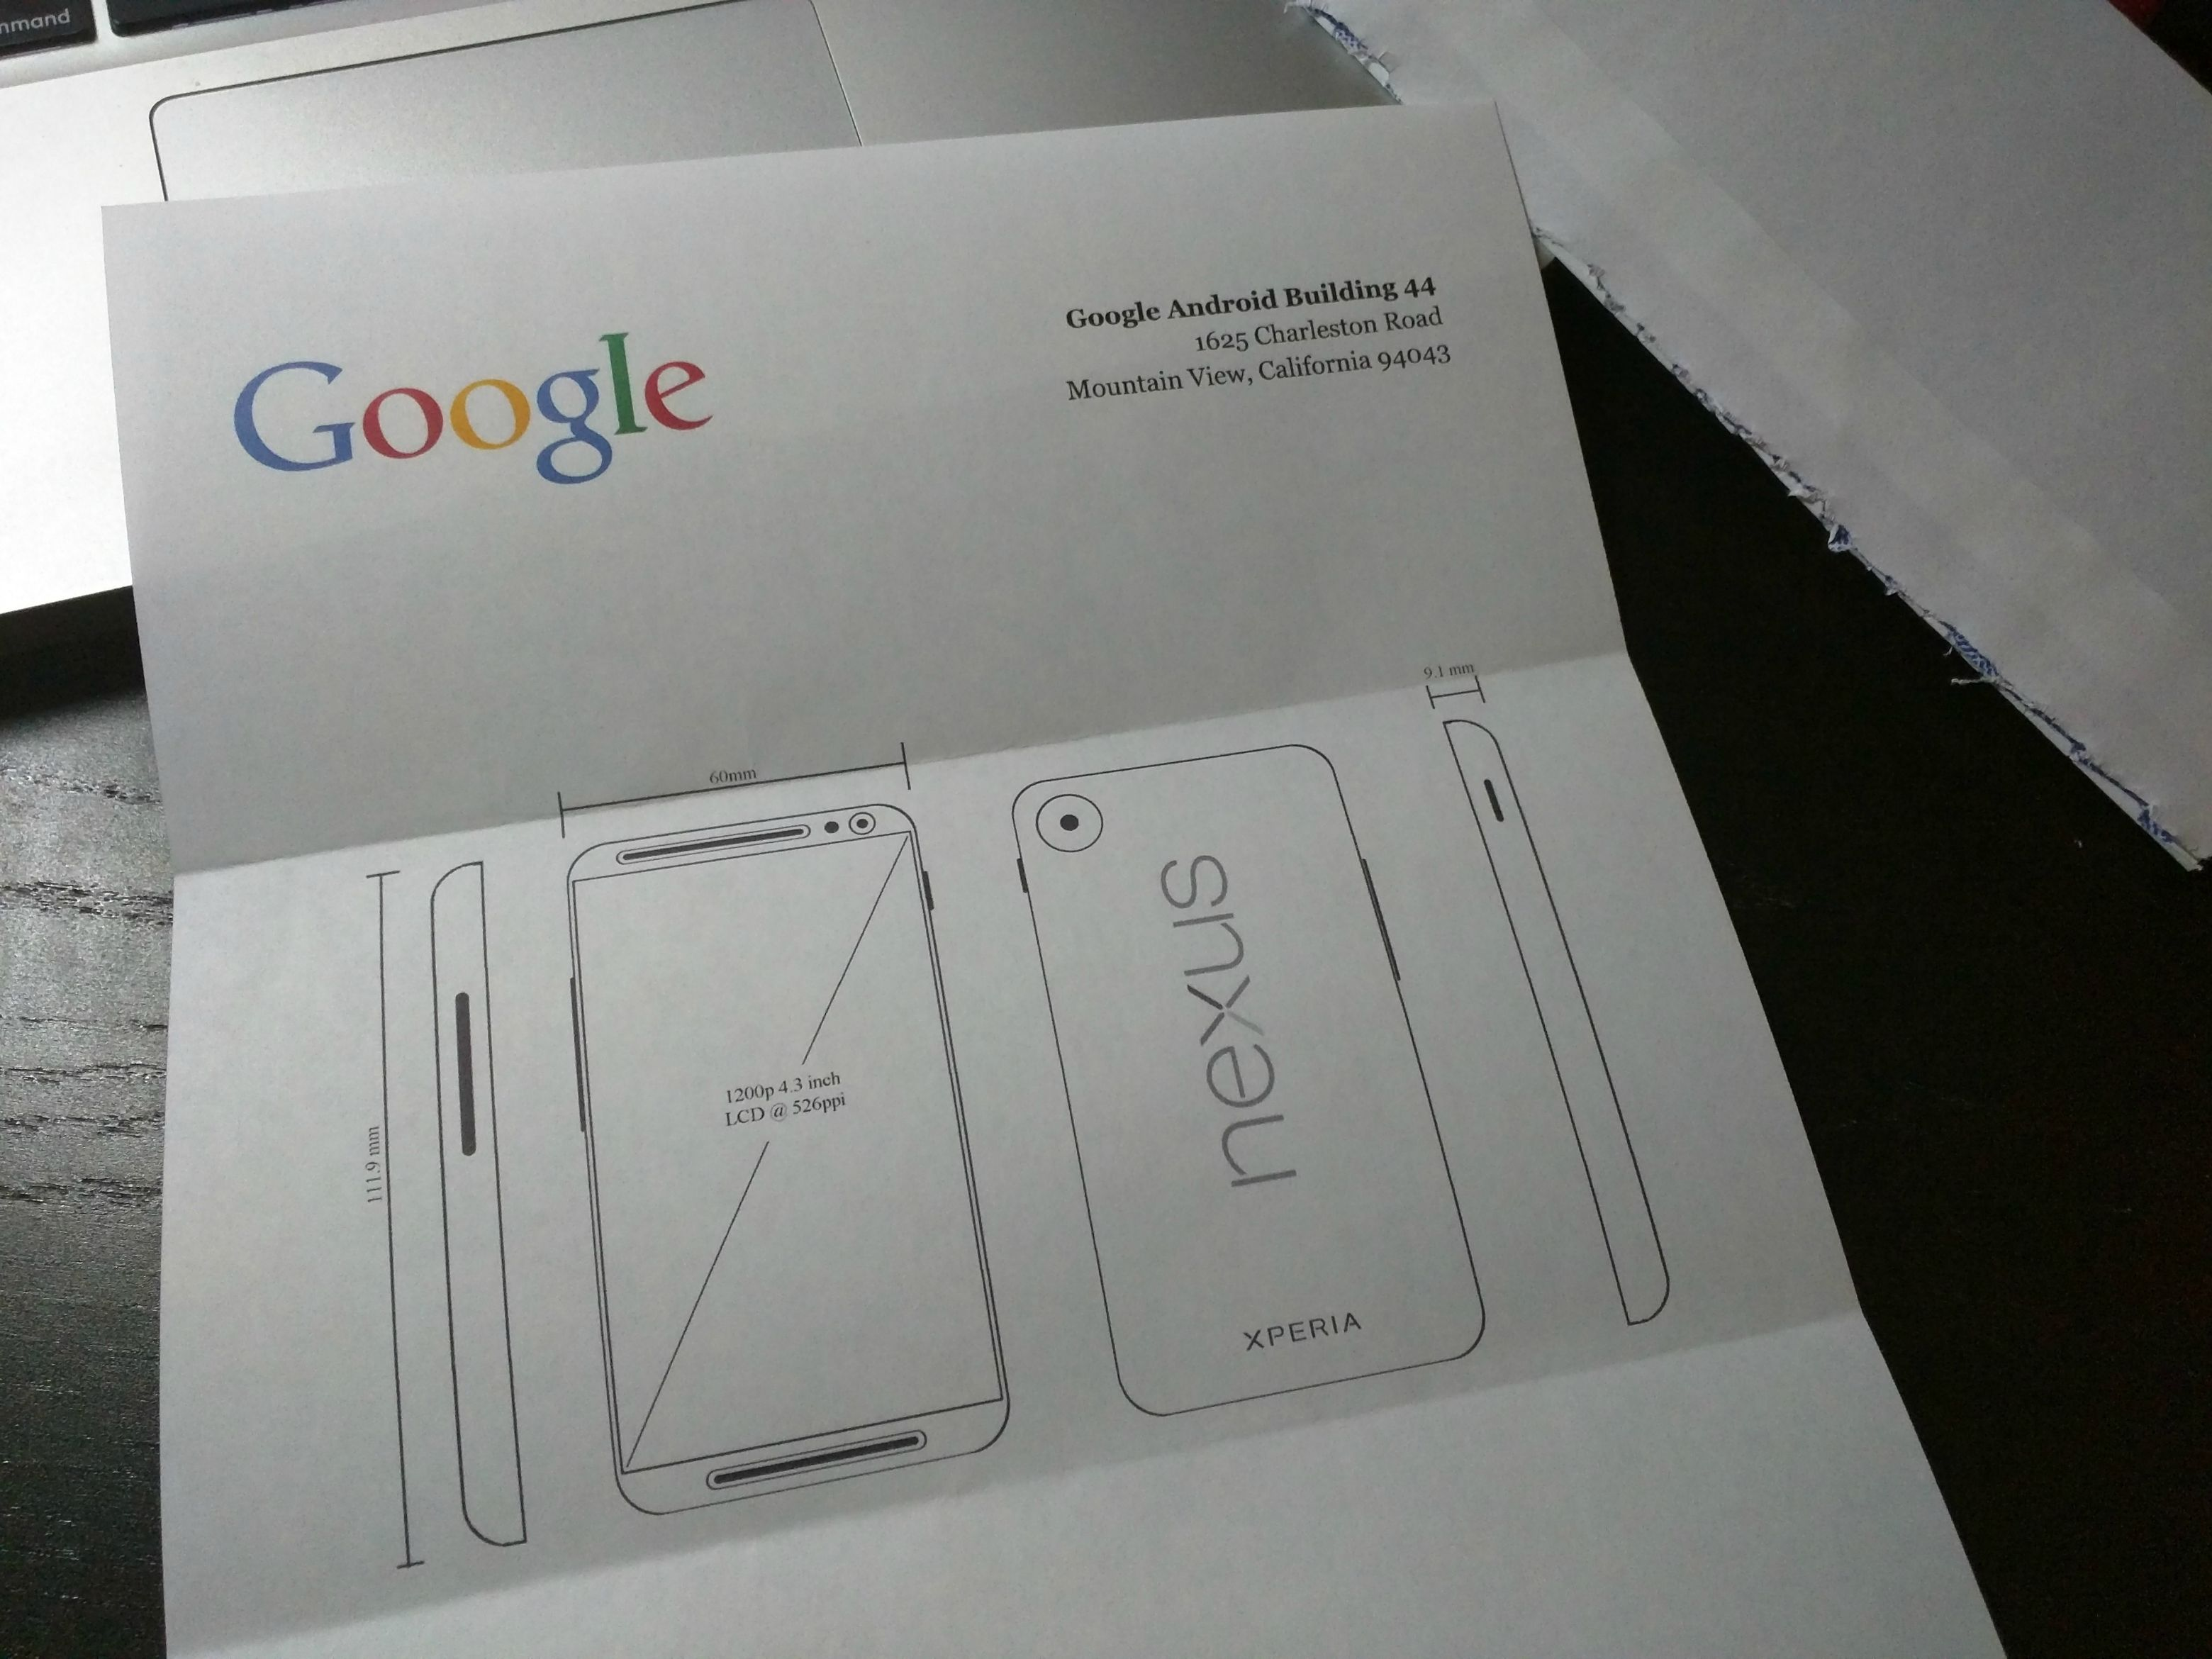 Sony-Porpita-Xperia-Nexus_2